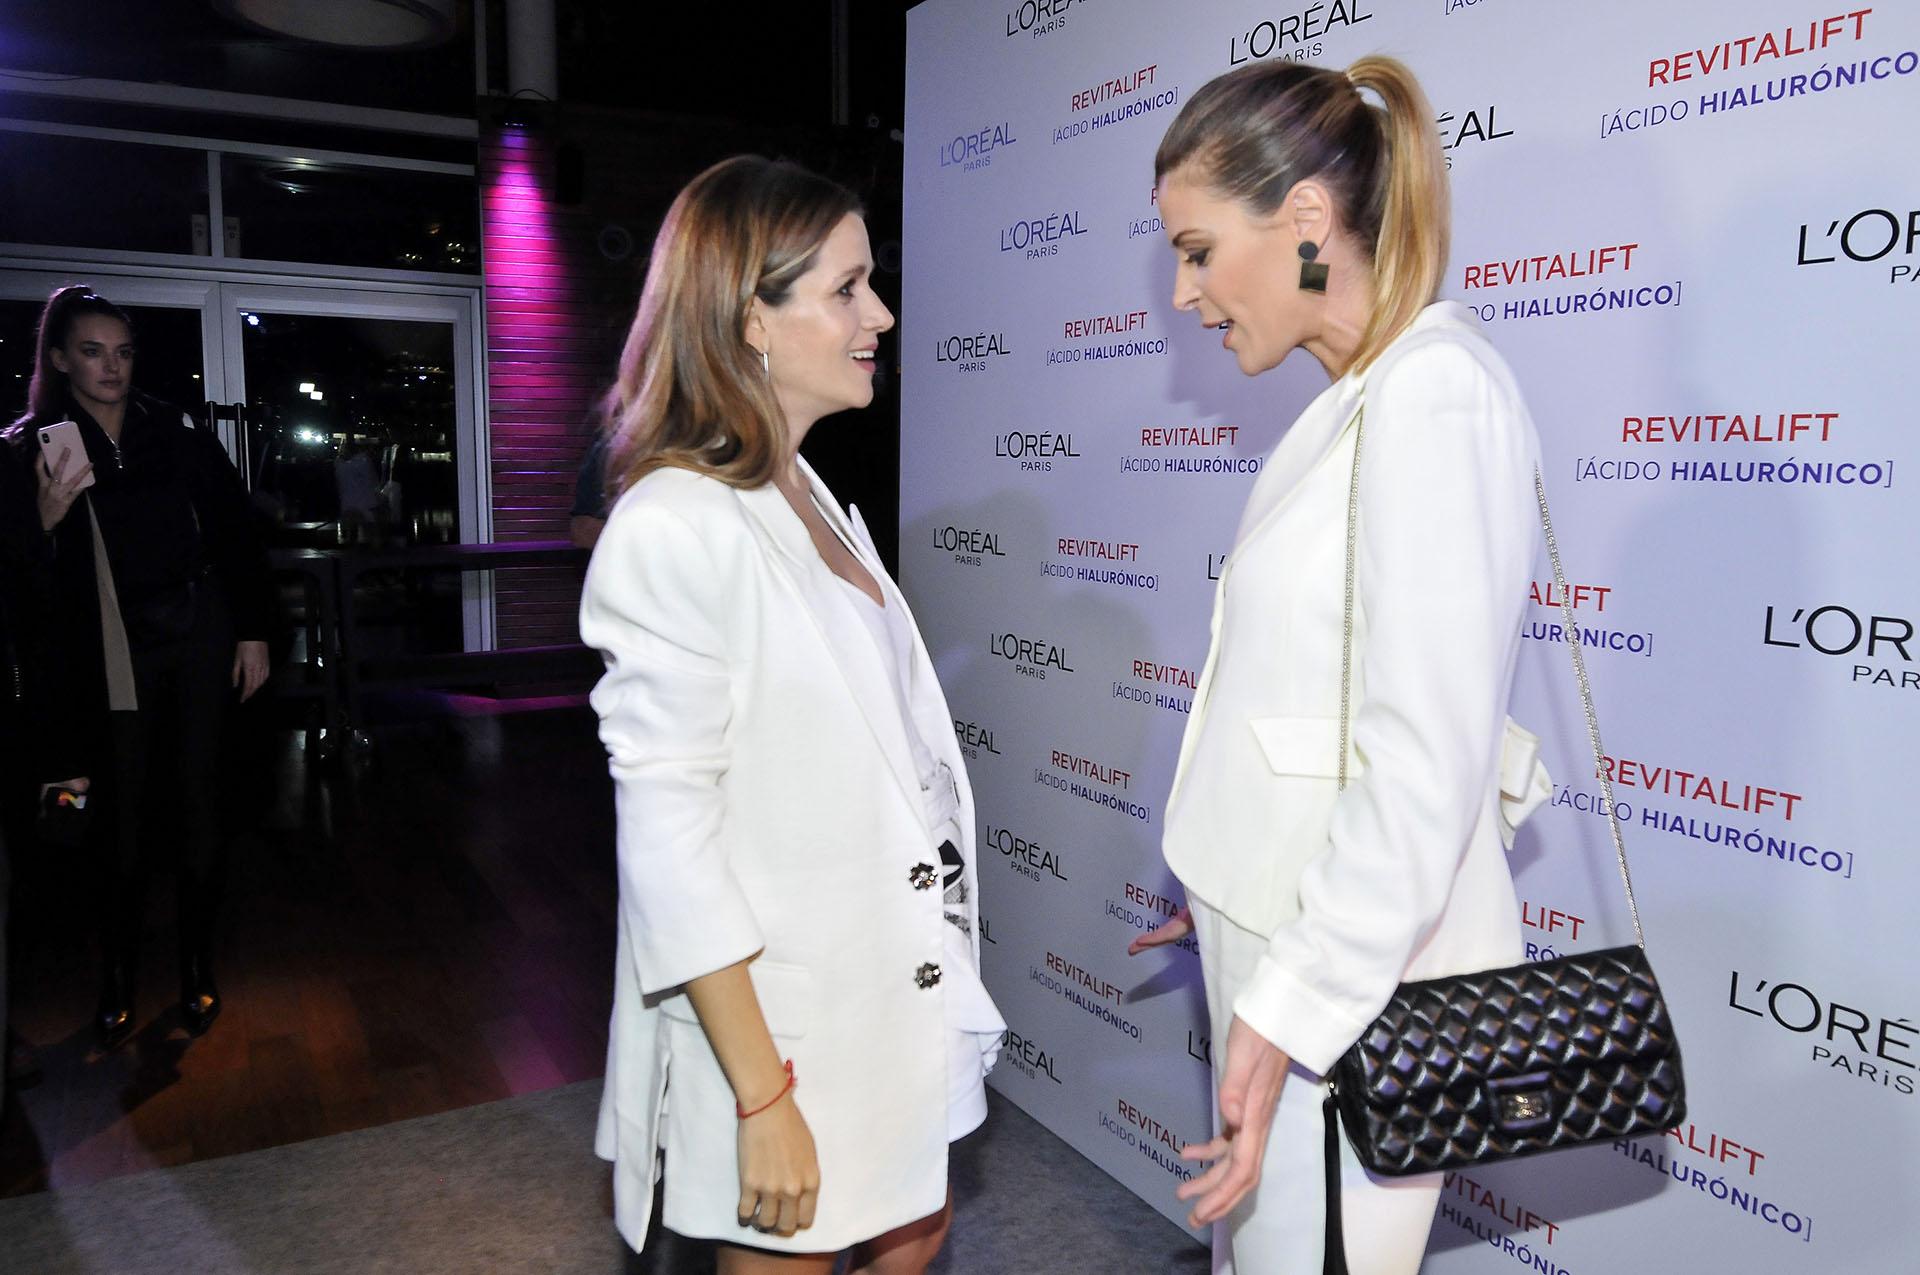 Entre pancitas: Violeta Urtizberea y Eugenia Tobal, ambas embarazadas de siete meses, compartieron un encuentro en el evento de L´Oreal (Foto: Darío Batallan / Teleshow)